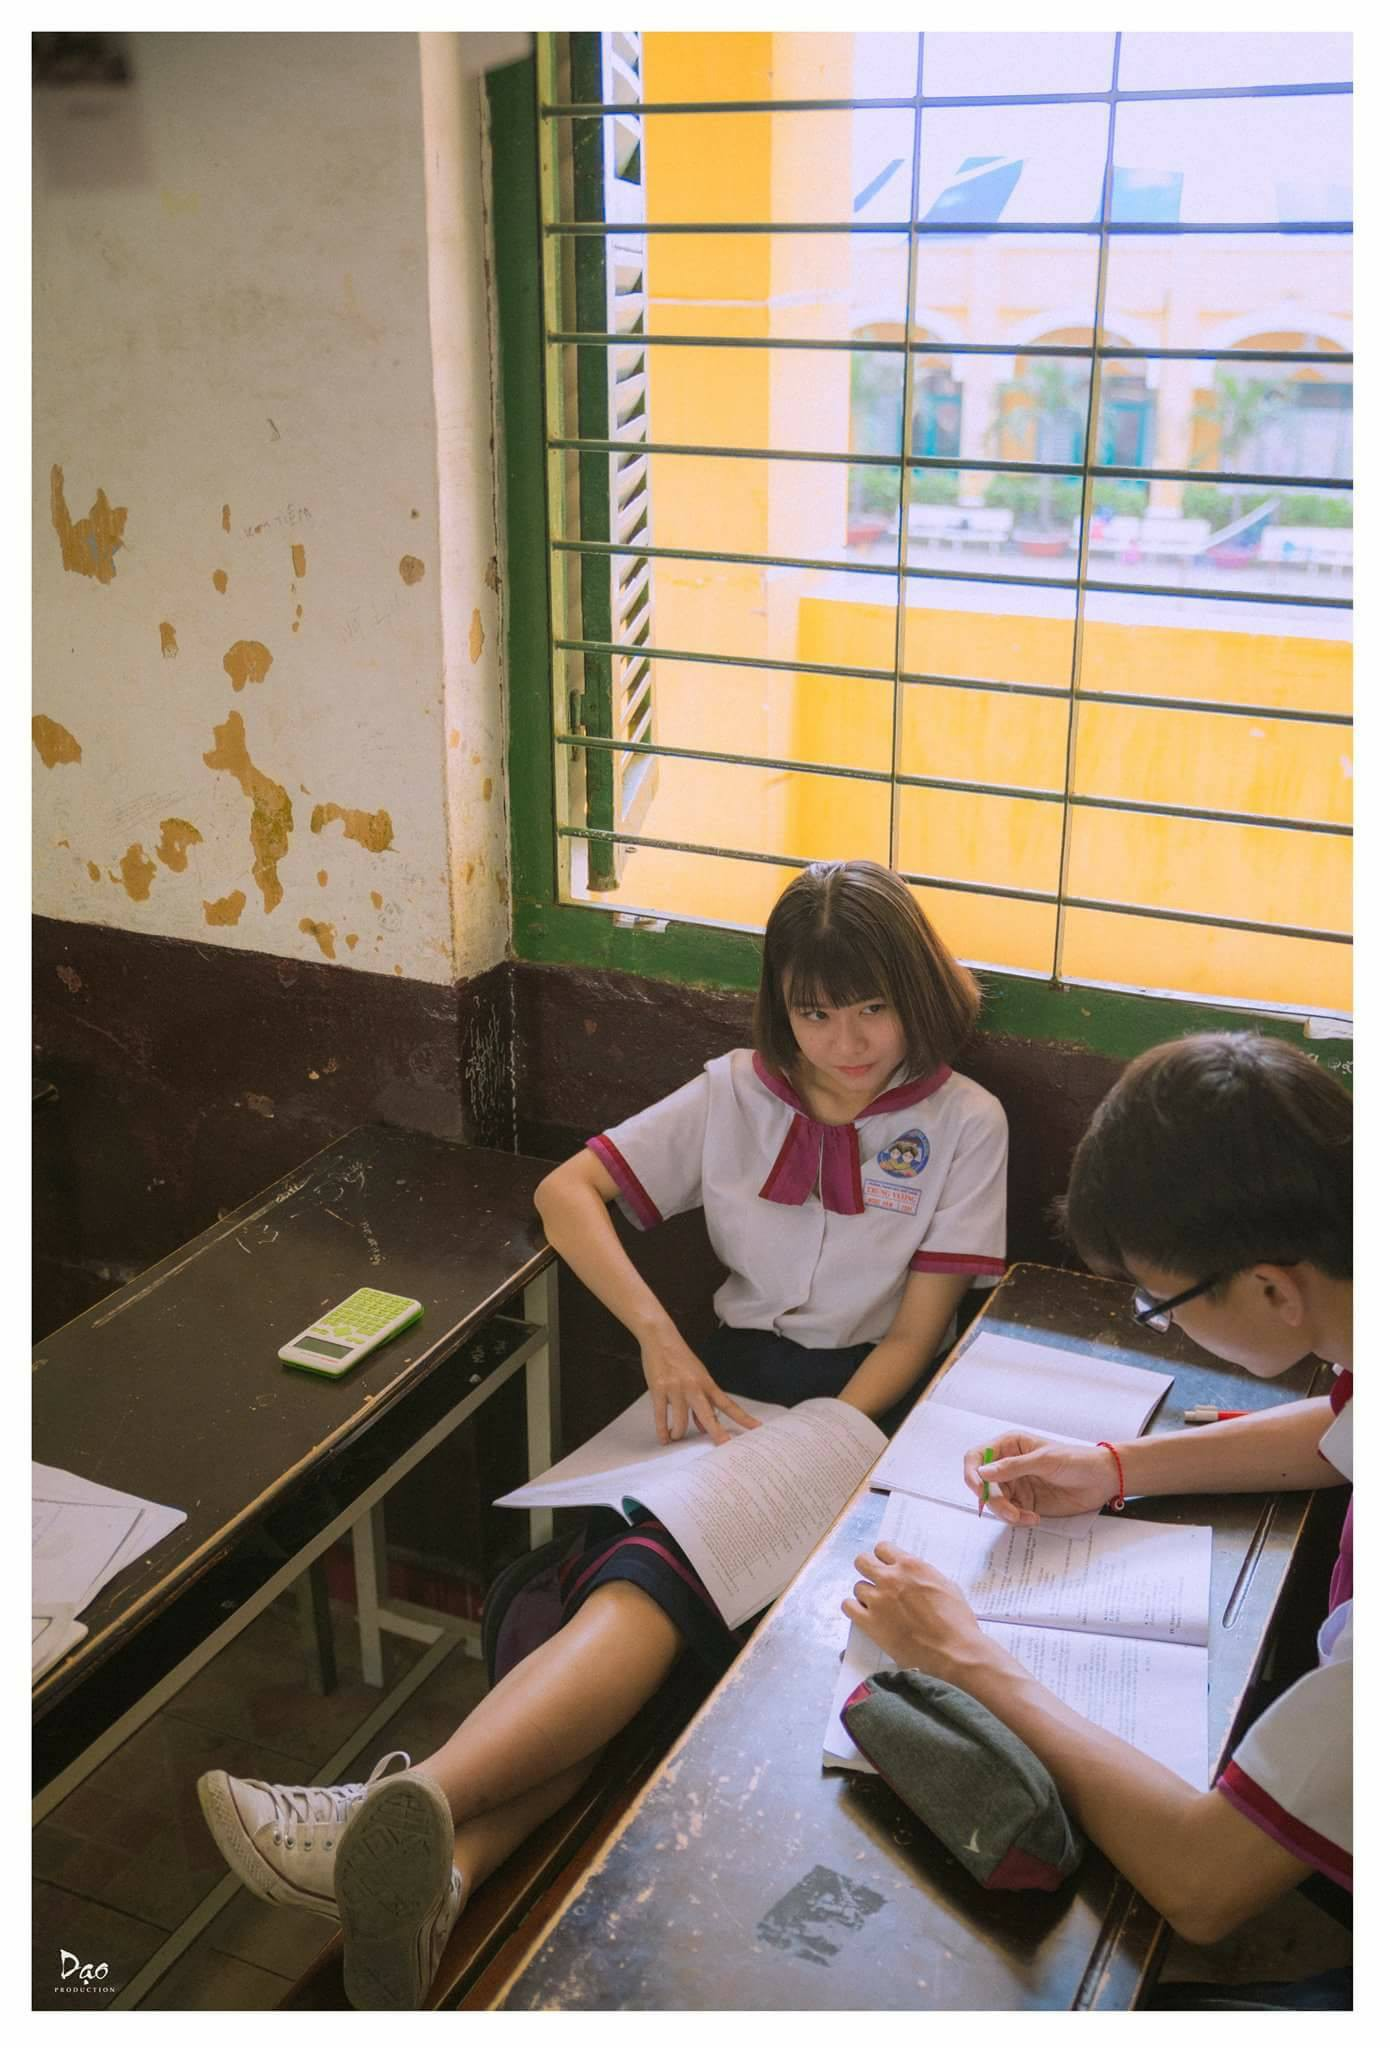 Tan chảy với bộ ảnh Gửi thời đẹp đẽ đơn thuần của chúng ta phiên bản Việt của cặp đôi trường Trưng Vương - Ảnh 6.